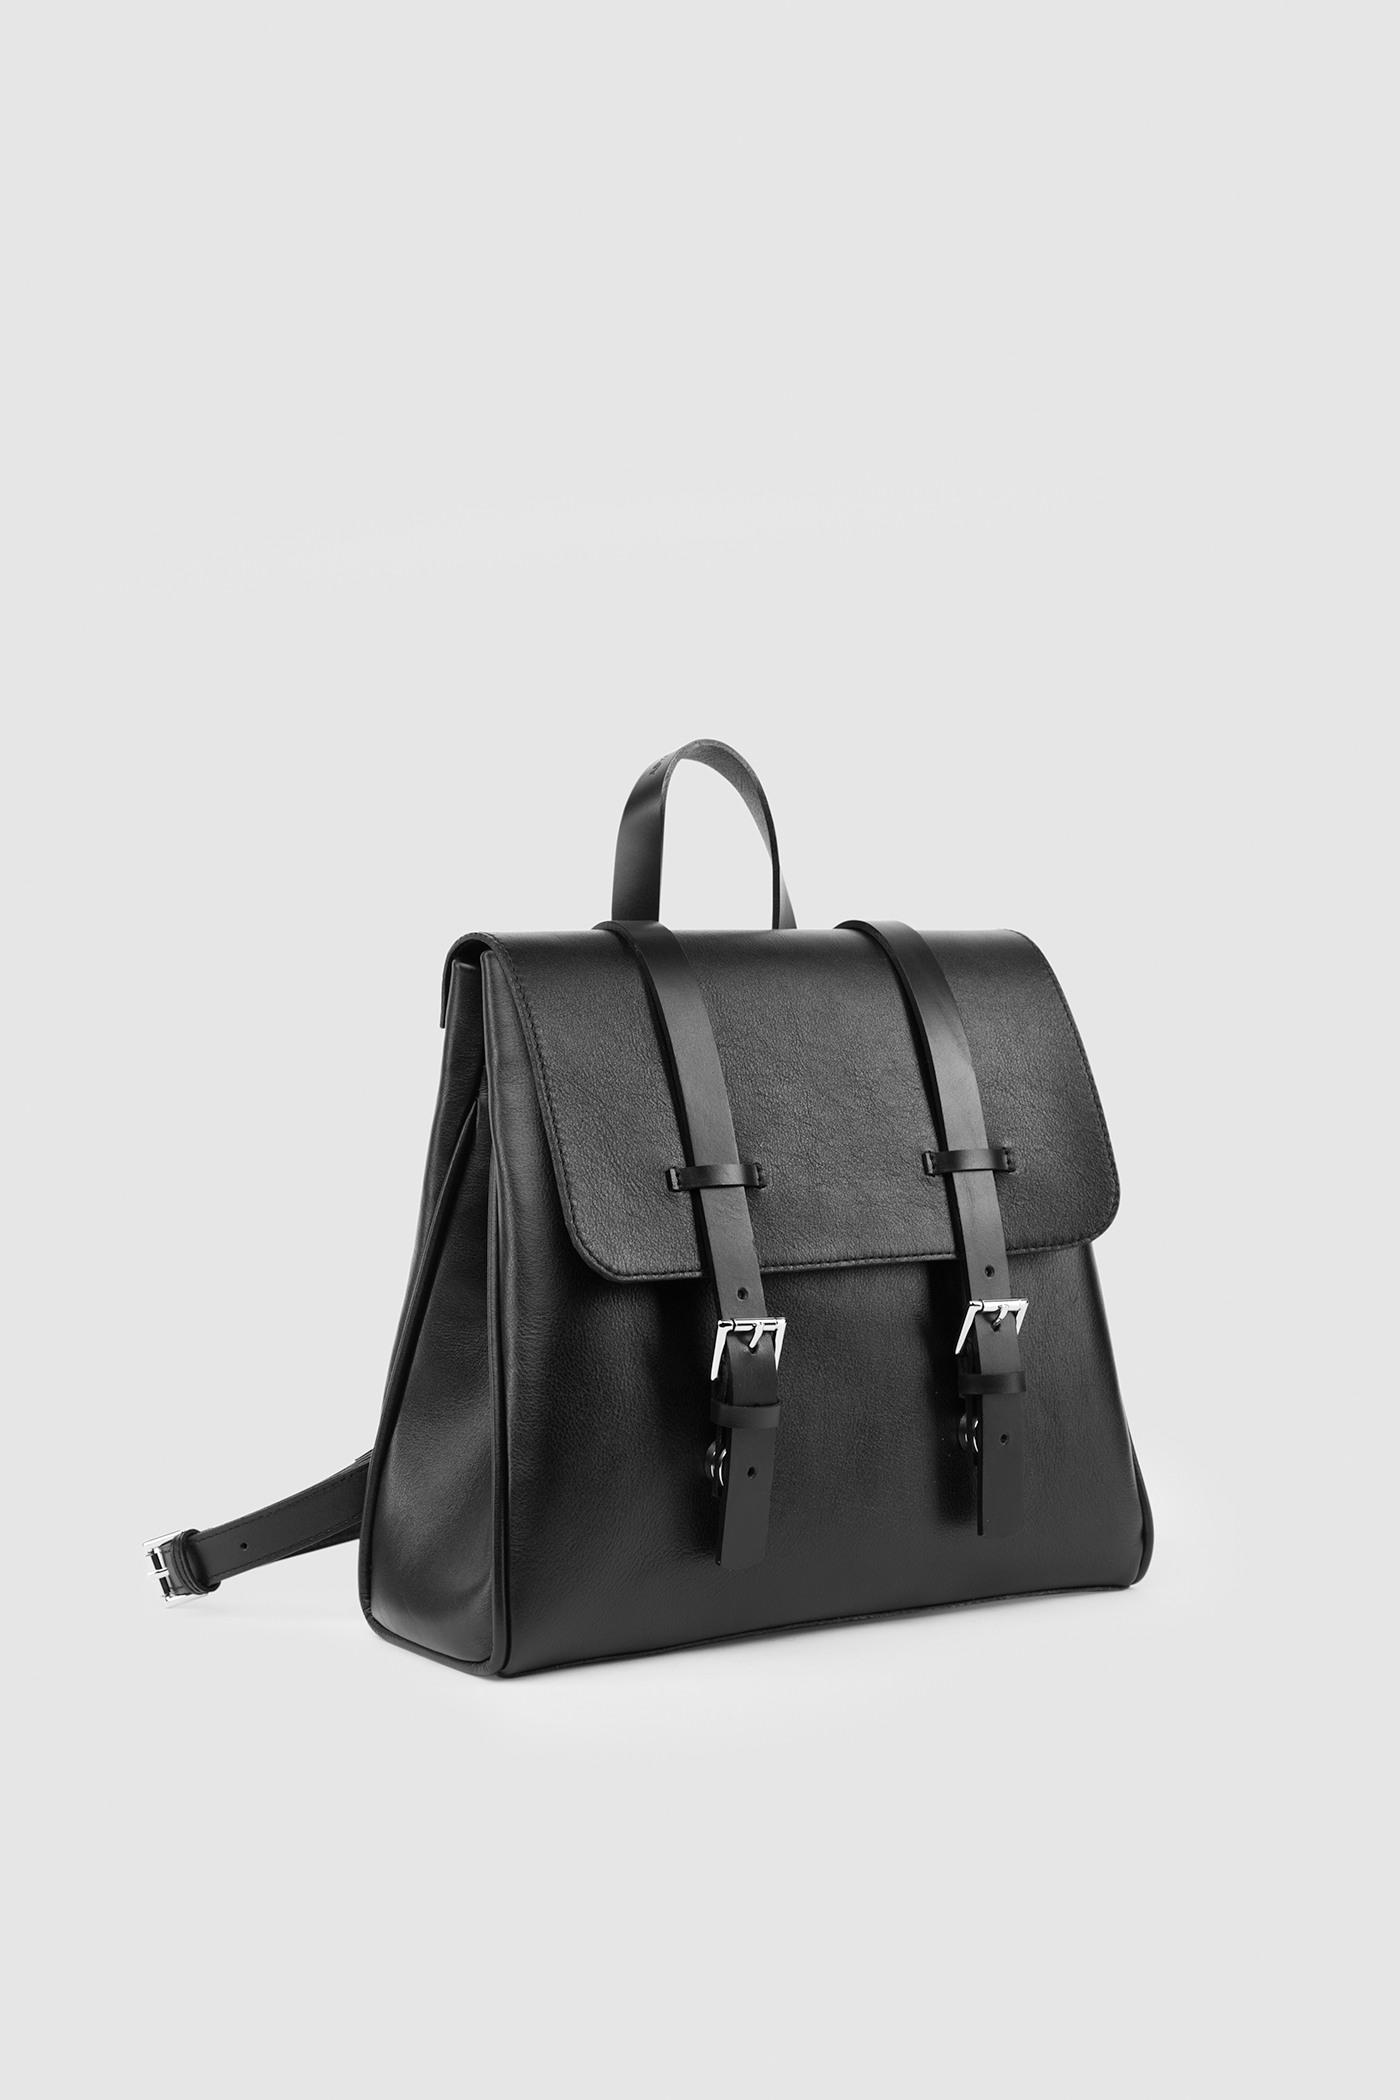 Маленький рюкзакКлассический рюкзак-портфель из высококачественной кожи. Задний карман на молнии. Внутреннее отделение на подкладке с тремя карманами для телефона, ключей и документов. Верхний клапан украшен полированной фурнитурой серебряного цвета и застегивается на потайные замки-магниты.&#13;<br>&#13;<br>&#13;<br>если перестегнуть лямки, рюкзак превращается в сумку через плечо&#13;<br>&#13;<br>держит форму&#13;<br>&#13;<br>съемные лямки на регуляторах&#13;<br>&#13;<br>защита нижних кантов от износа двойным дном&#13;<br>&#13;<br>тканная подкладка&#13;<br>&#13;<br>прилагается чехол для хранения&#13;<br>&#13;<br>&#13;<br>Высота: 24,5 см&#13;<br>Длина: 26 &gt; 24 см&#13;<br>Глубина: 9,5 см&#13;<br>Высота ремешка: max 93 - min 69 см&#13;<br>Длина ручки: 22 см&#13;<br>Вес изделия: 915 грамм<br><br>Цвет: Черный